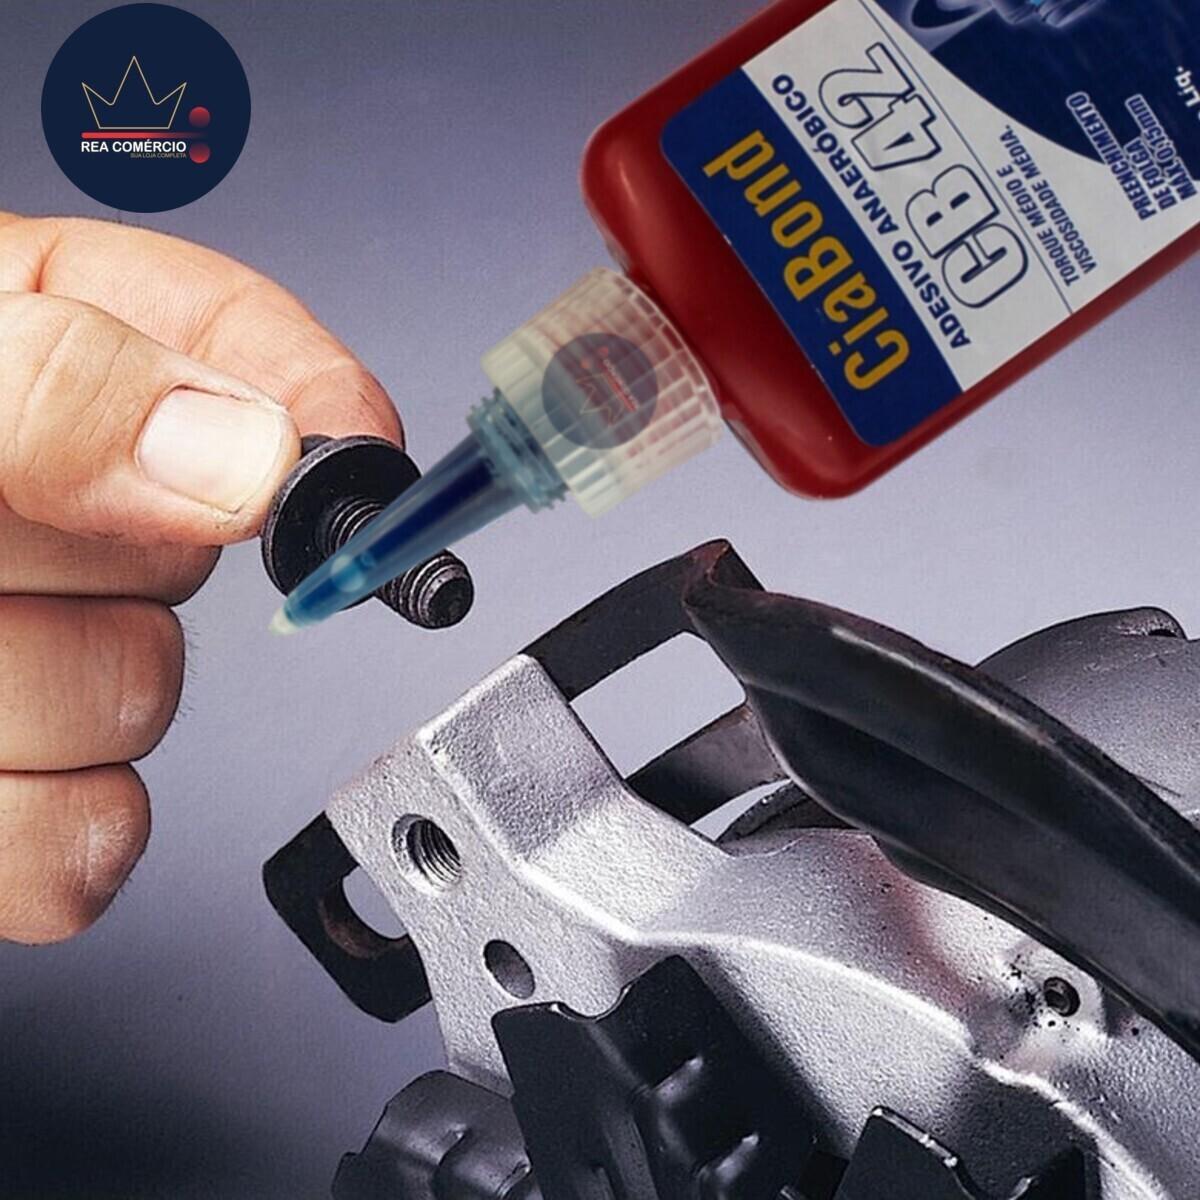 Cola Trava Rosca Baixo Torque Azul CB 42 Ciabond 50gs  - Rea Comércio - Sua Loja Completa!